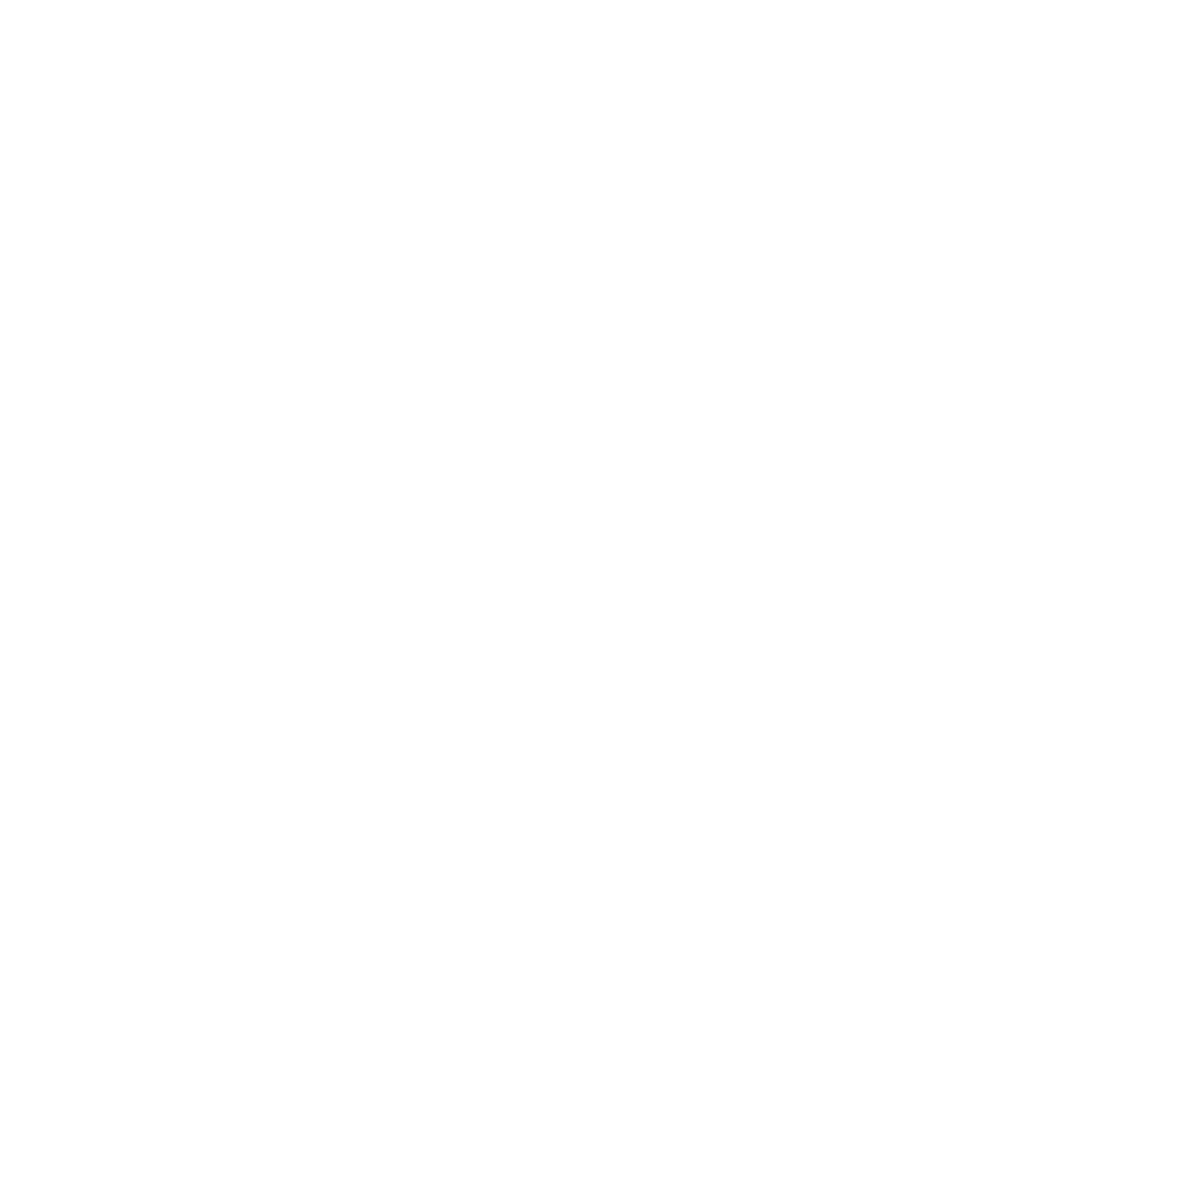 Унисекс/Скейтборд/Скейтборды в сборе/Скейтборды в сборе Скейтборд Shade 7,25